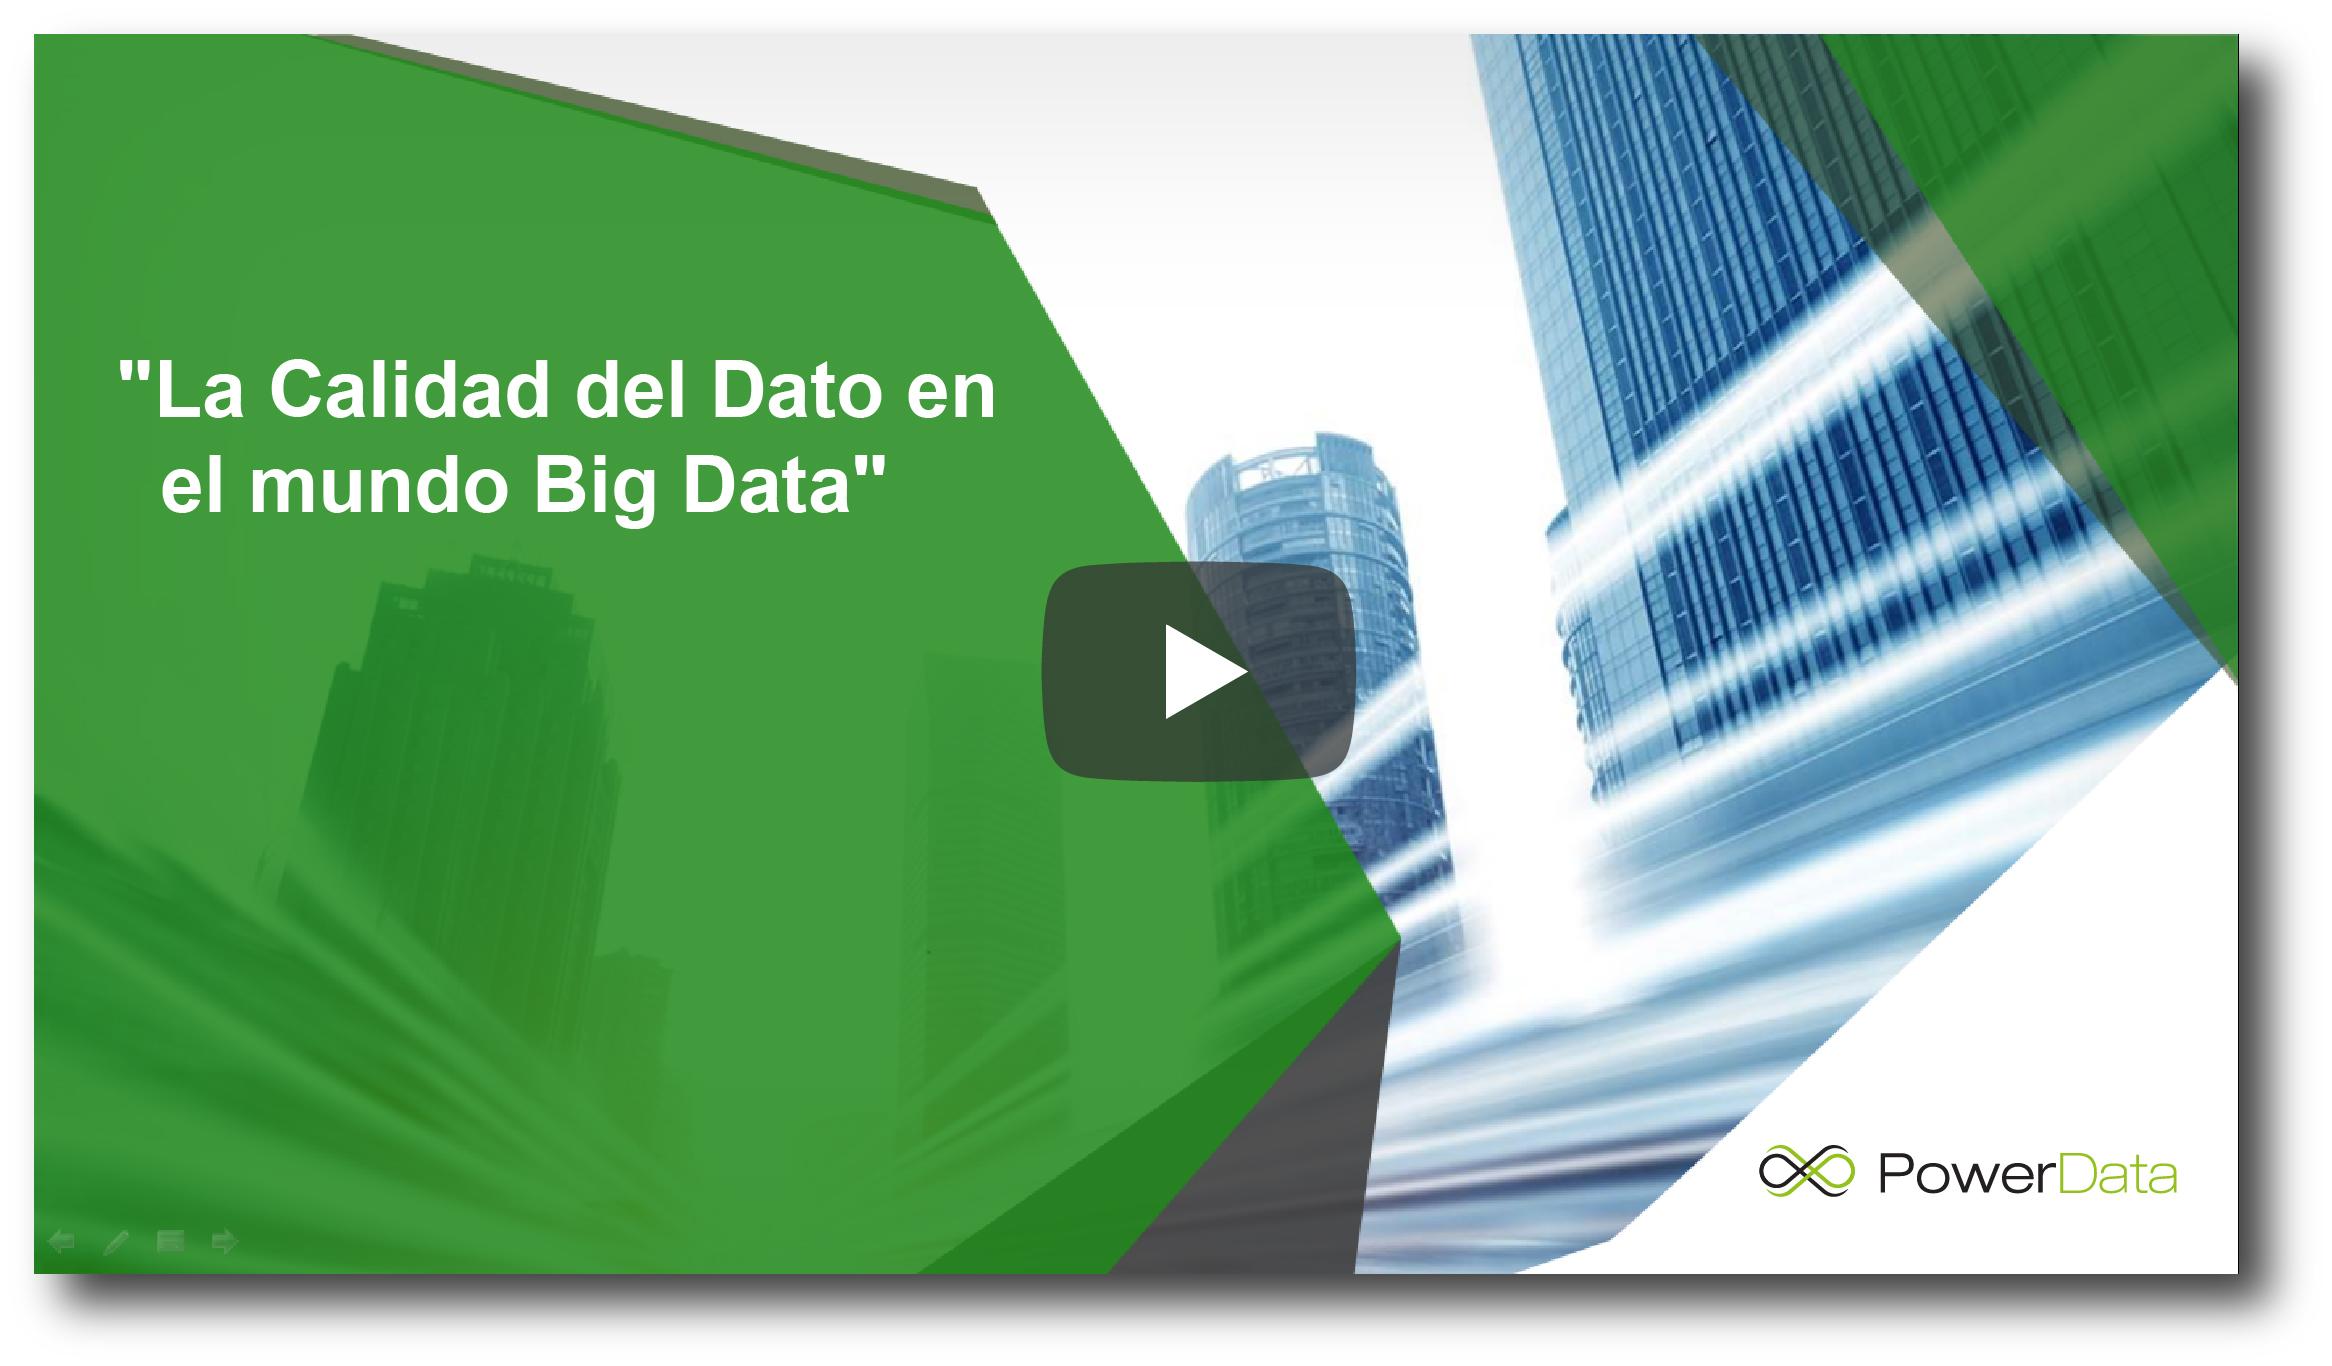 portadaLa Calidad de Datos en el mundo Big Data sombra